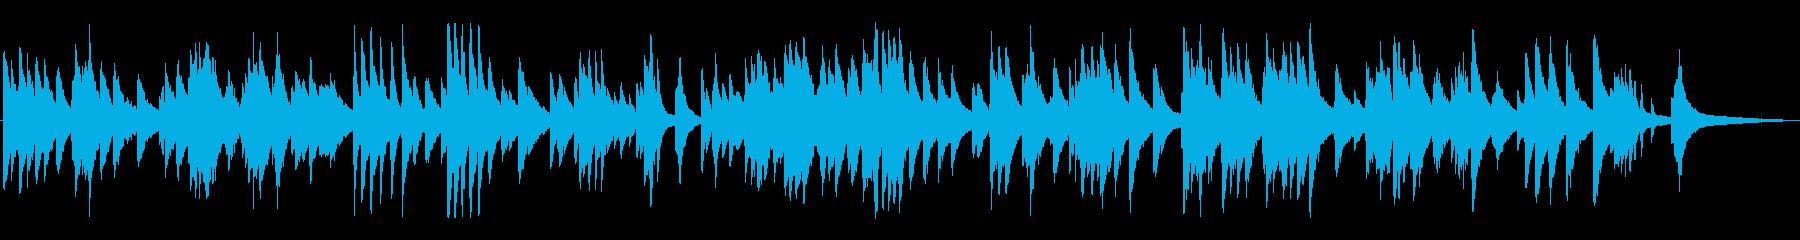 雰囲気のあるジャズ風ラウンジピアノソロの再生済みの波形